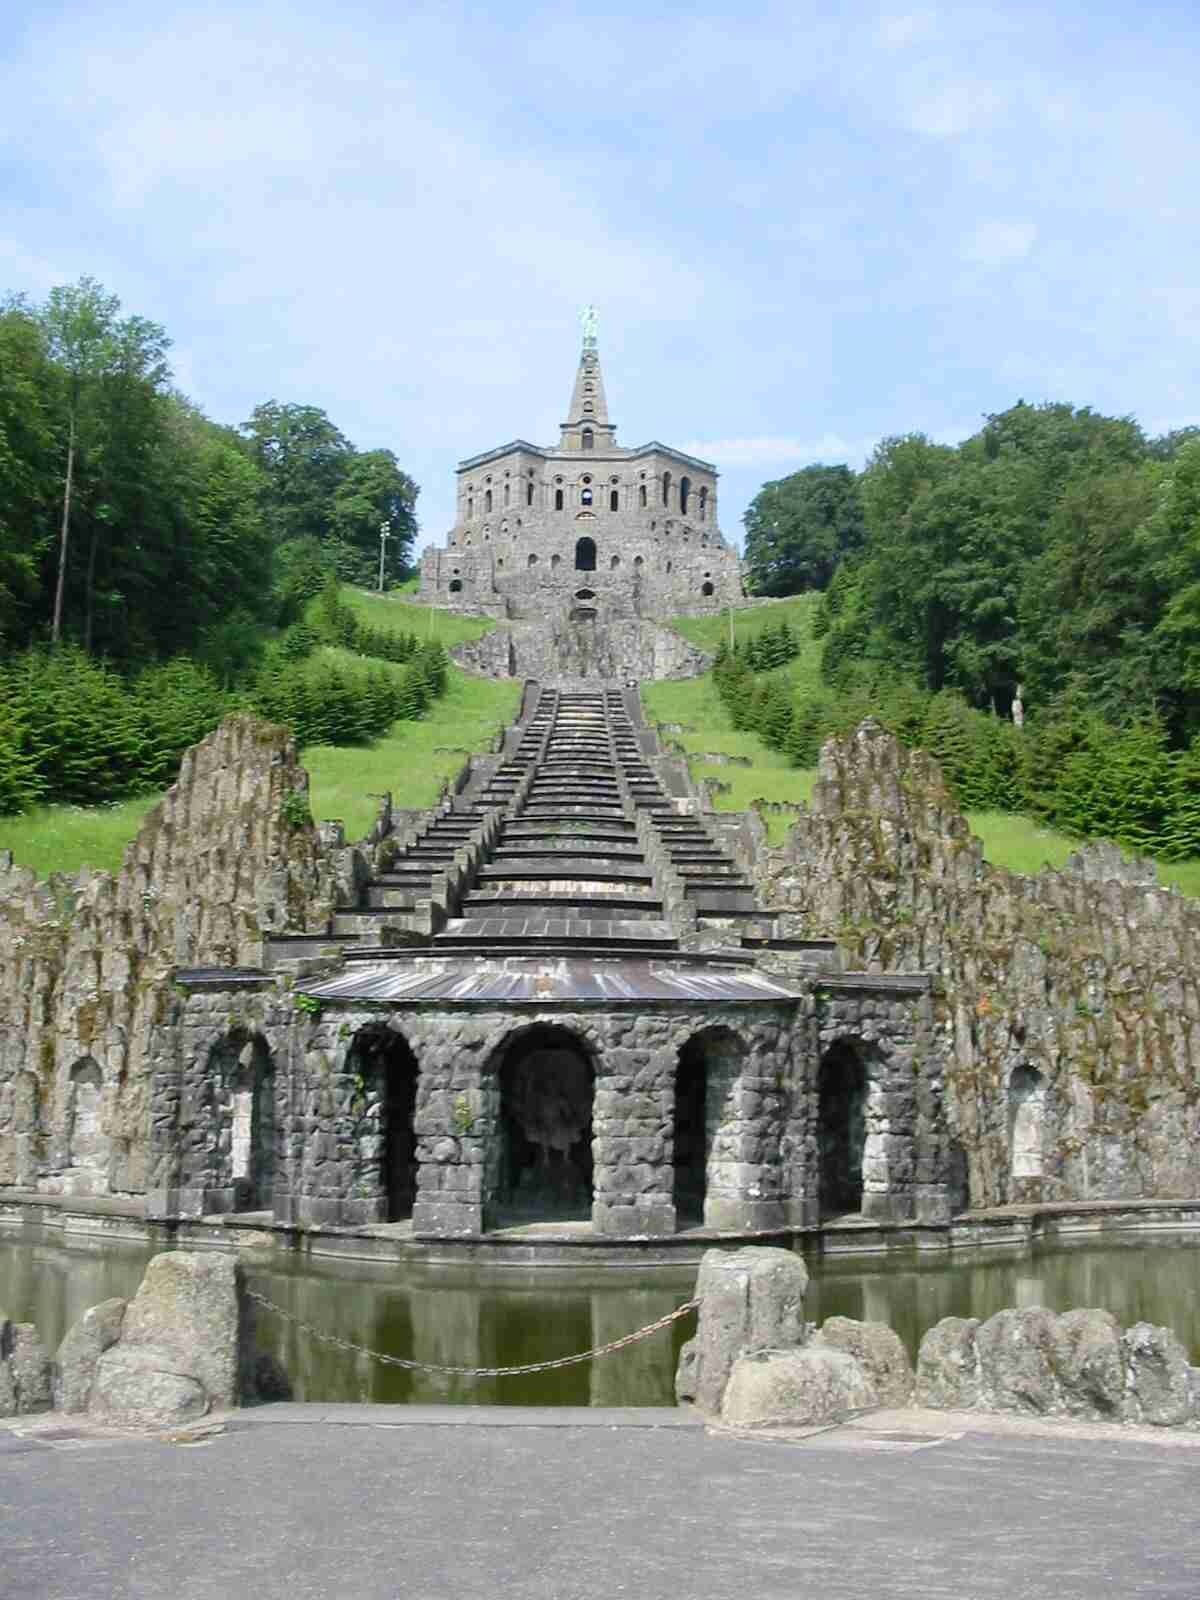 Pin Von The Carolina Trader Auf Castles And Ruins Ausflug Ausflugsziele Reisen